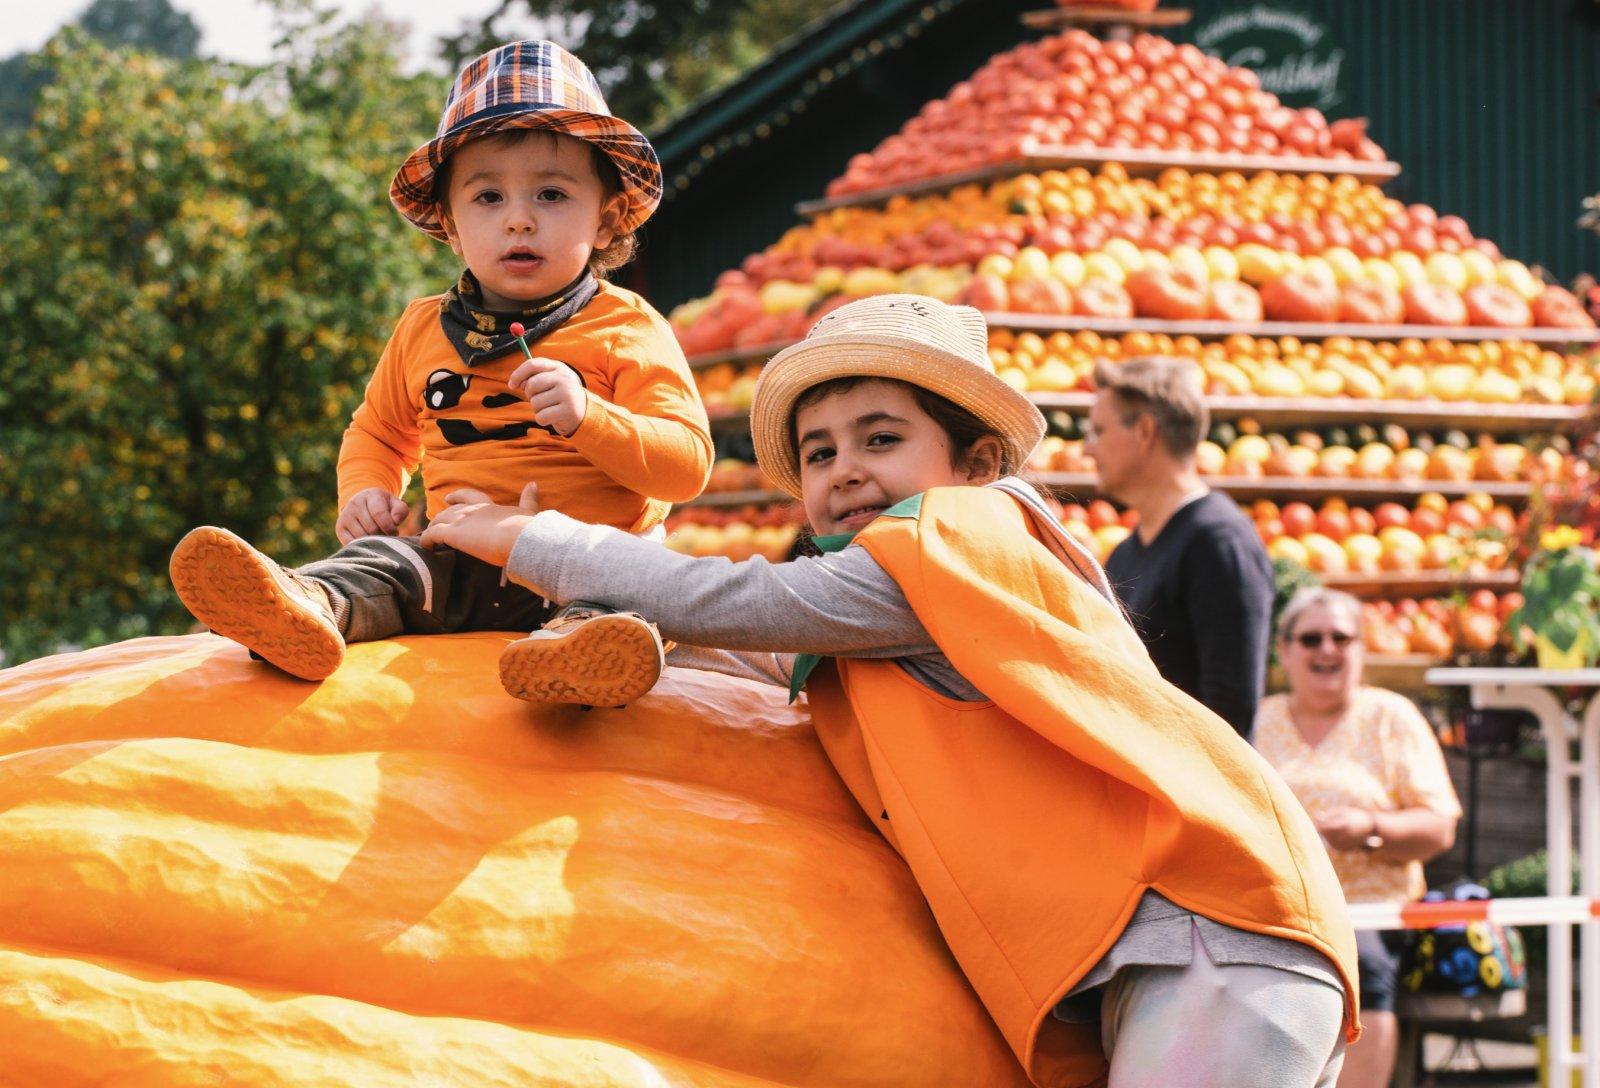 9月12日,在德國洛馬爾傳統南瓜節上,兒童在一個巨型南瓜上留影。